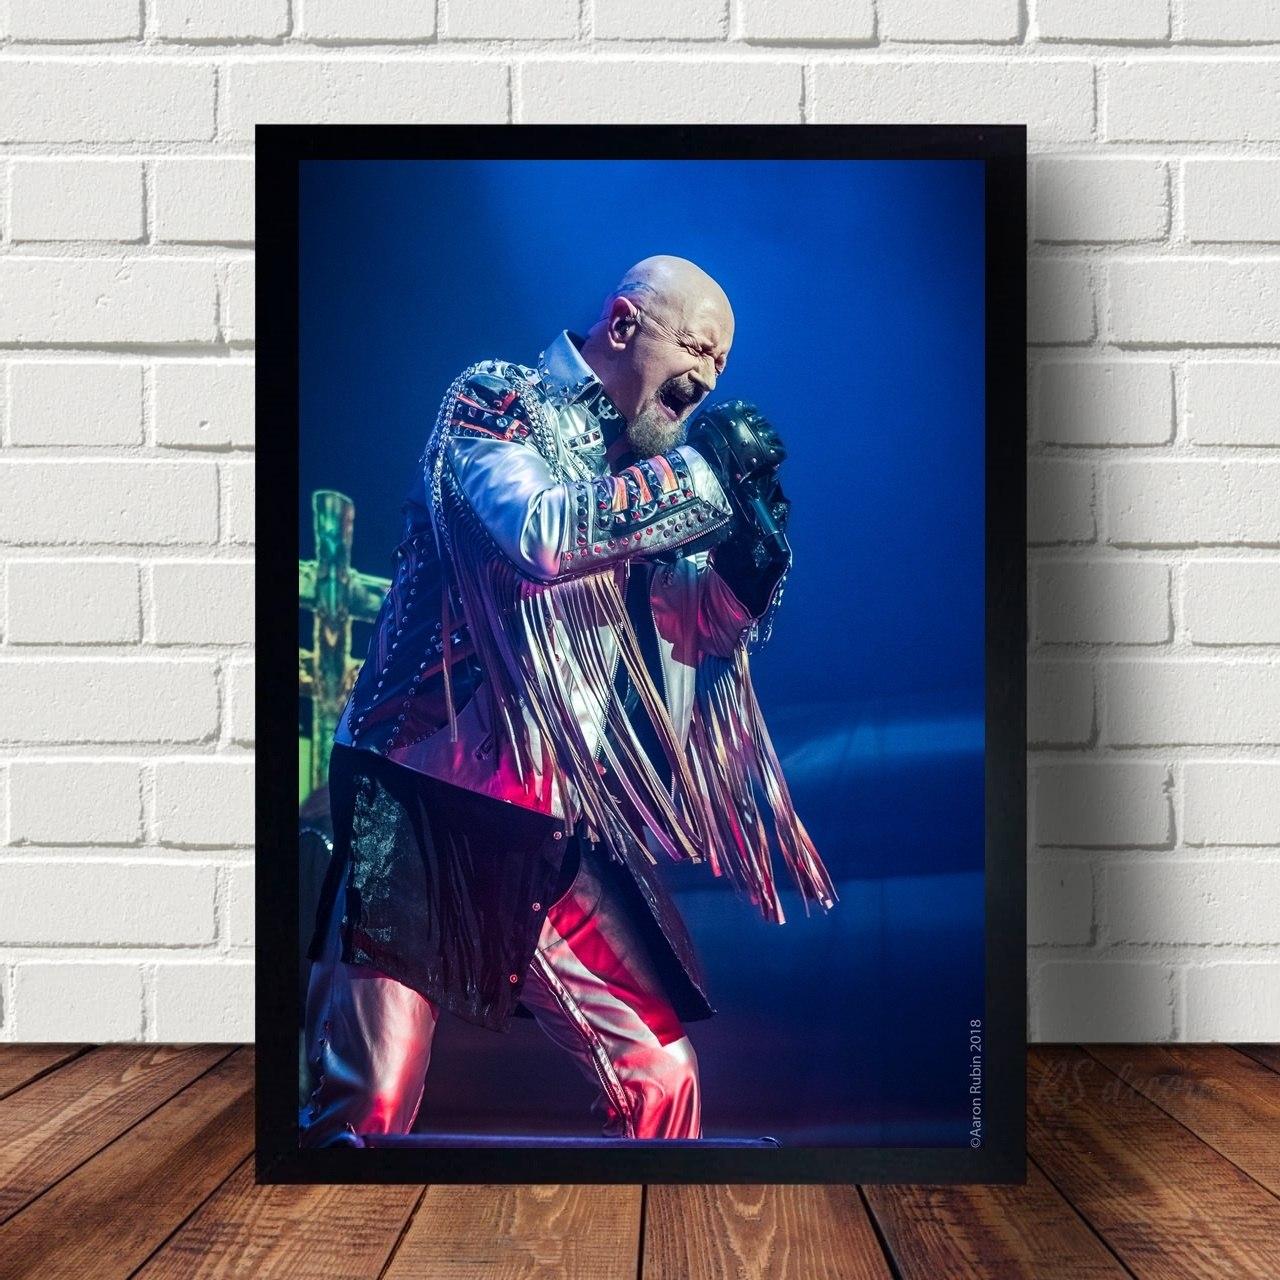 Quadro Decorativo Judas Priest XIV